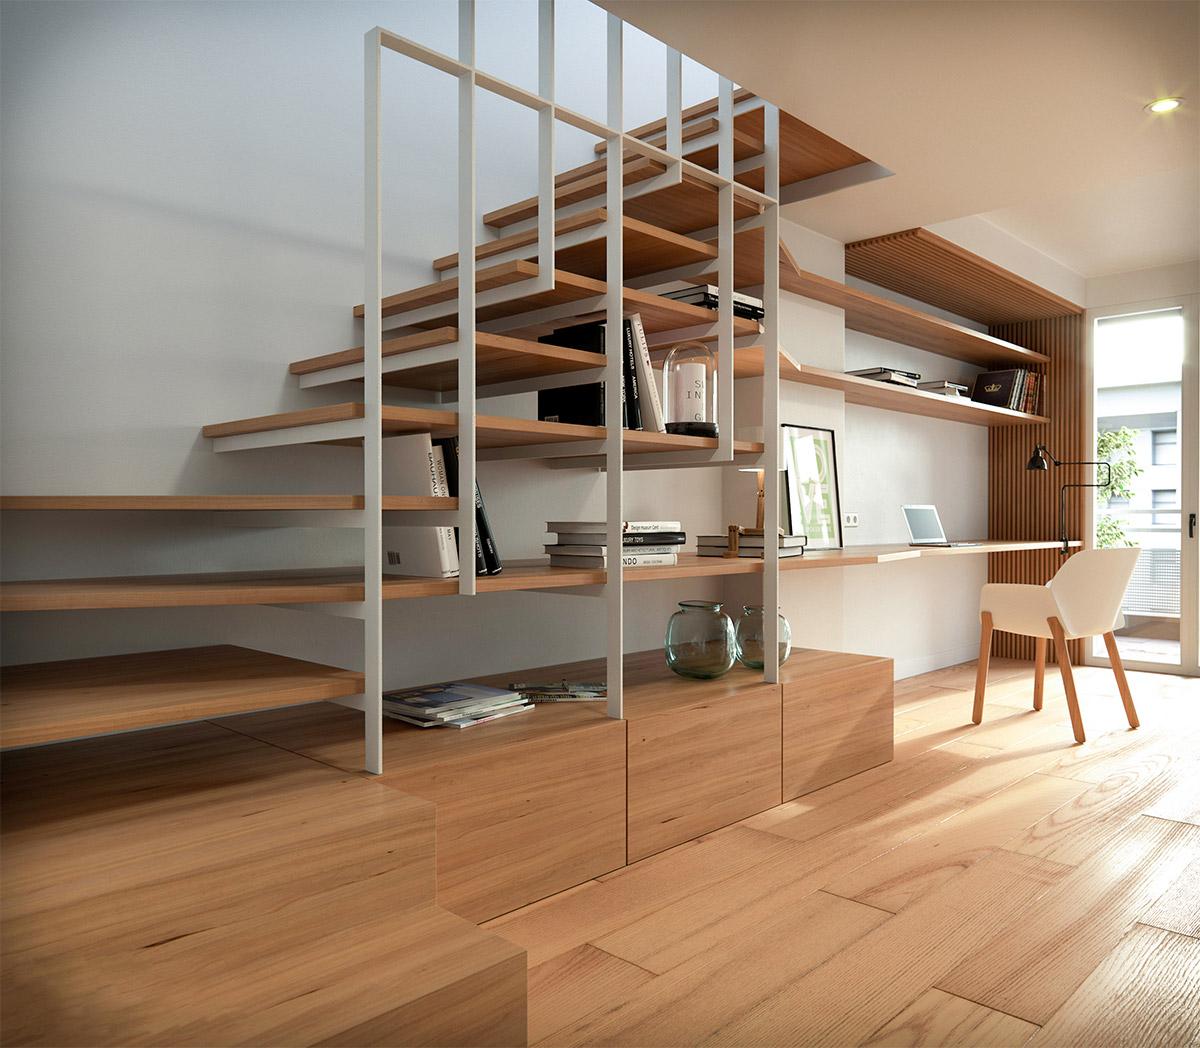 Лестница-шкаф буквой Г из дерева ЛГО31